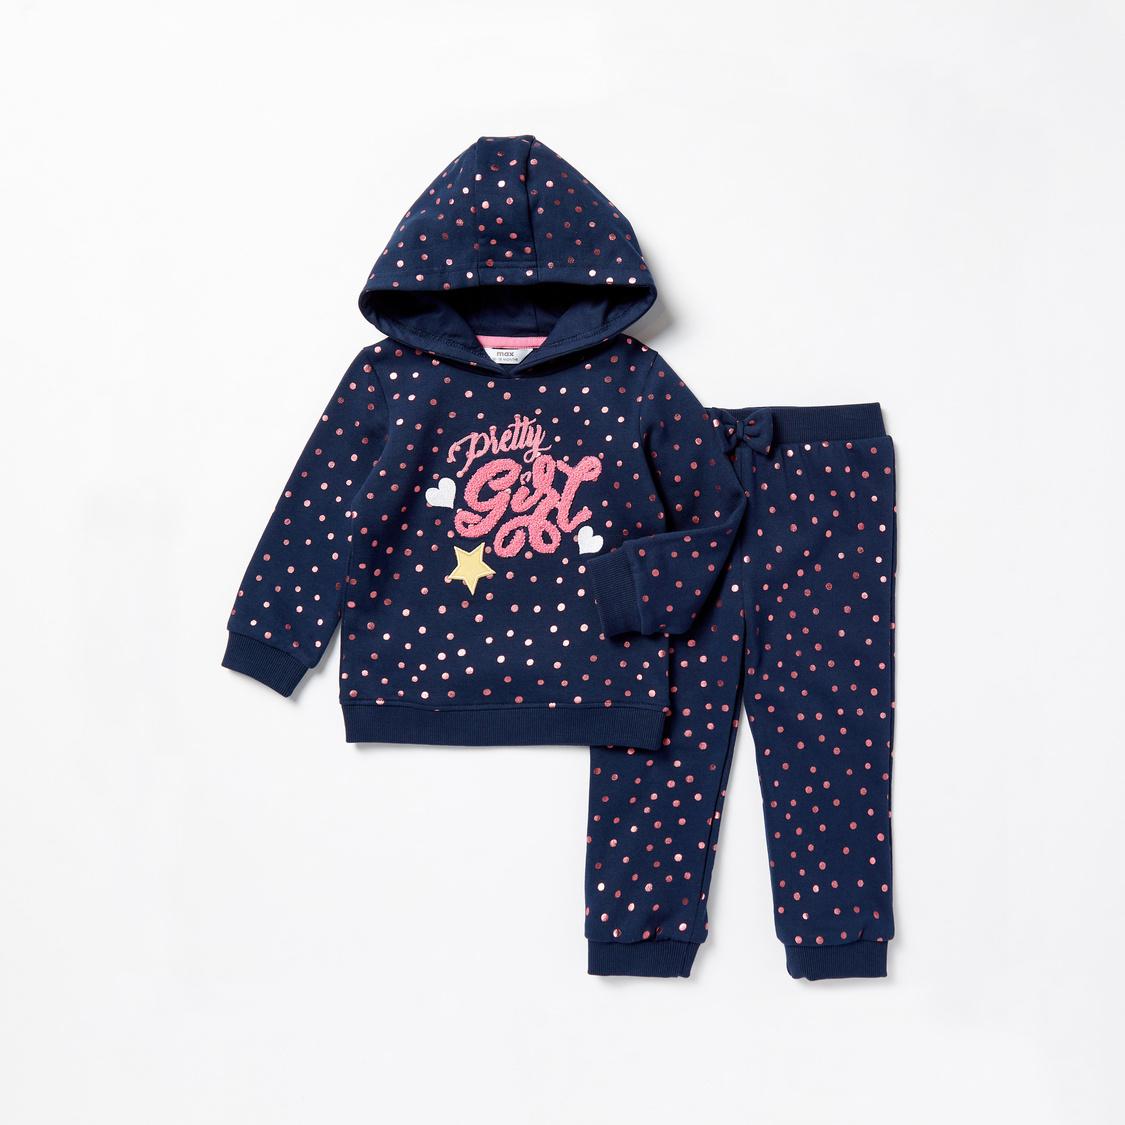 All-Over Polka Dot Print Hoodie and Full Length Jog Pants Set